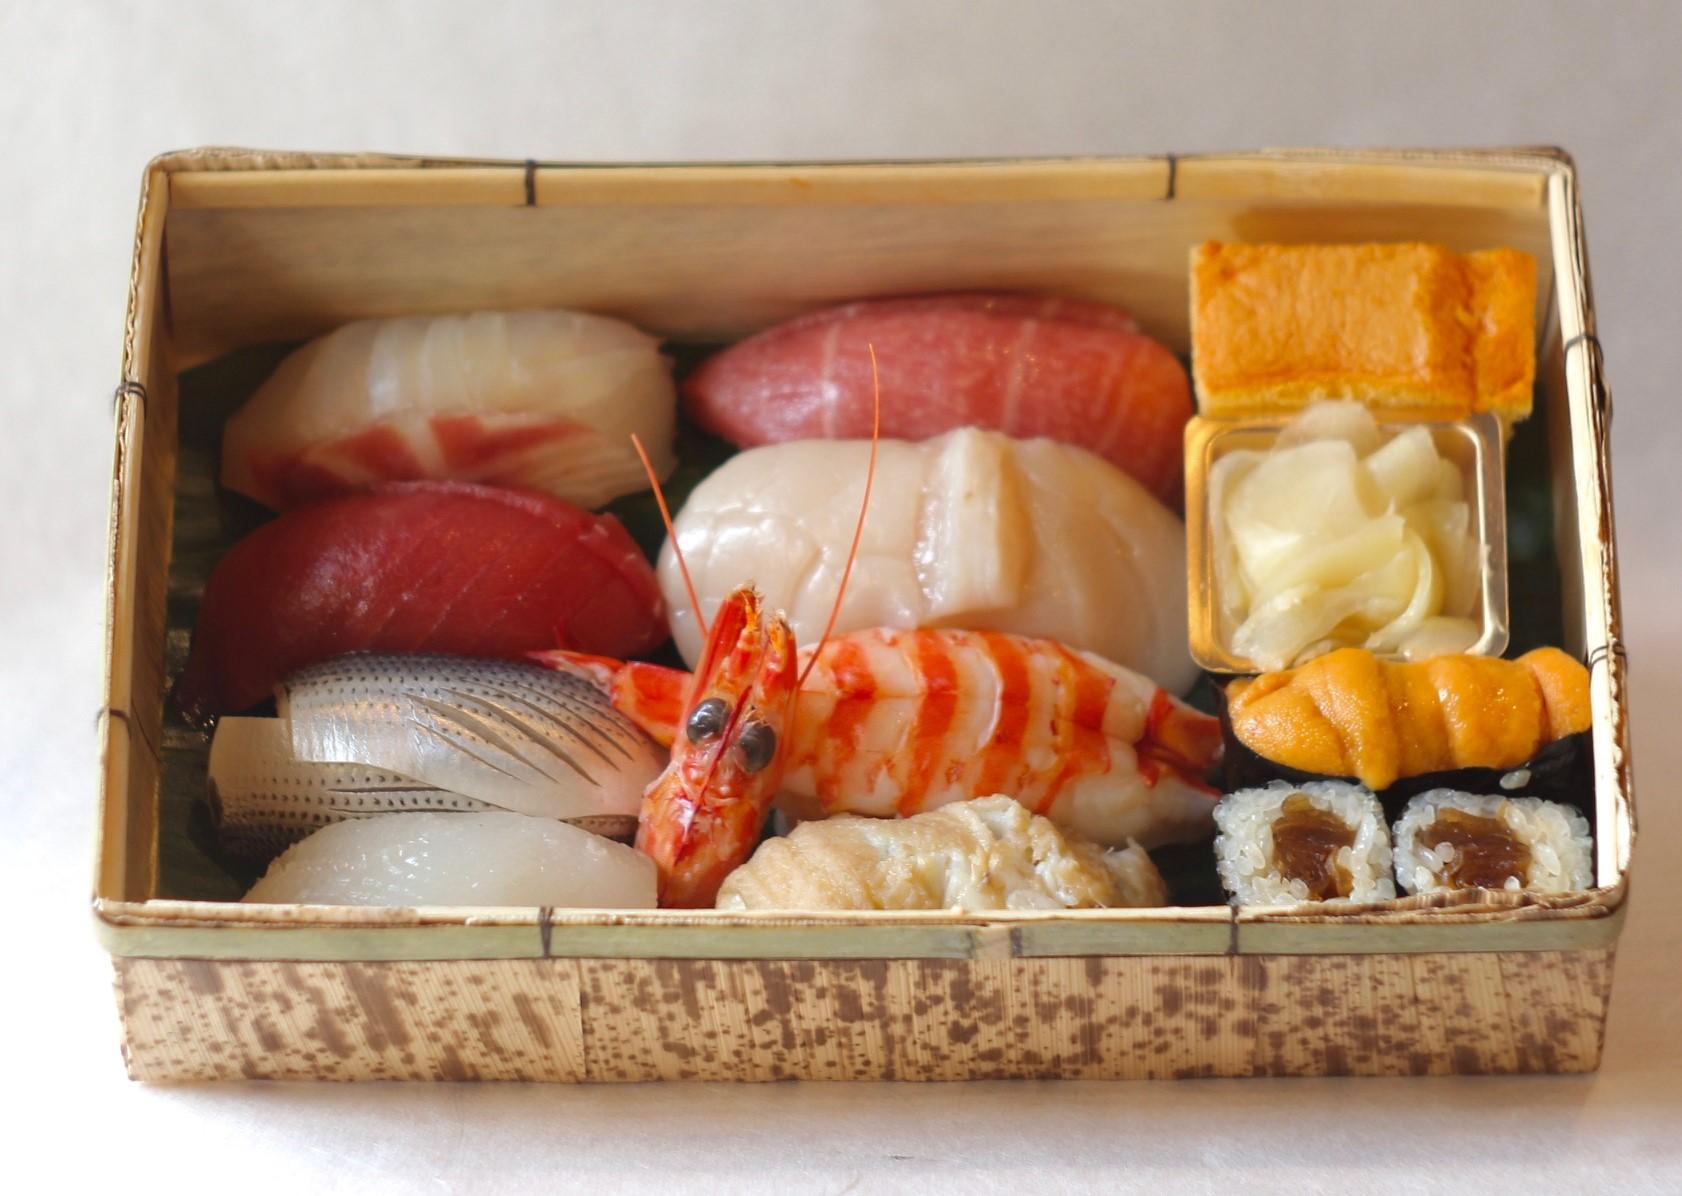 【蘭亭寿司折】<p>お持ち帰りメニューとなります。</p>